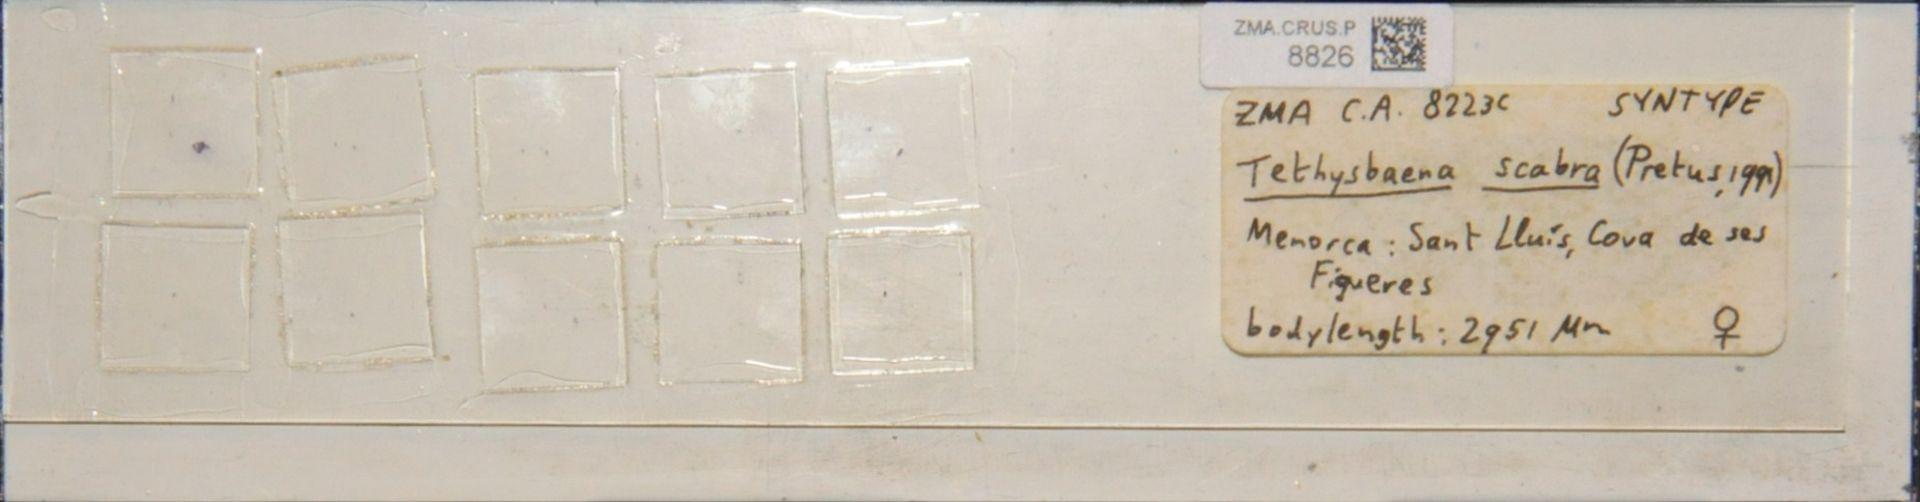 ZMA.CRUS.P.8826   Tethysbaena scabra (Pretus, 1991)